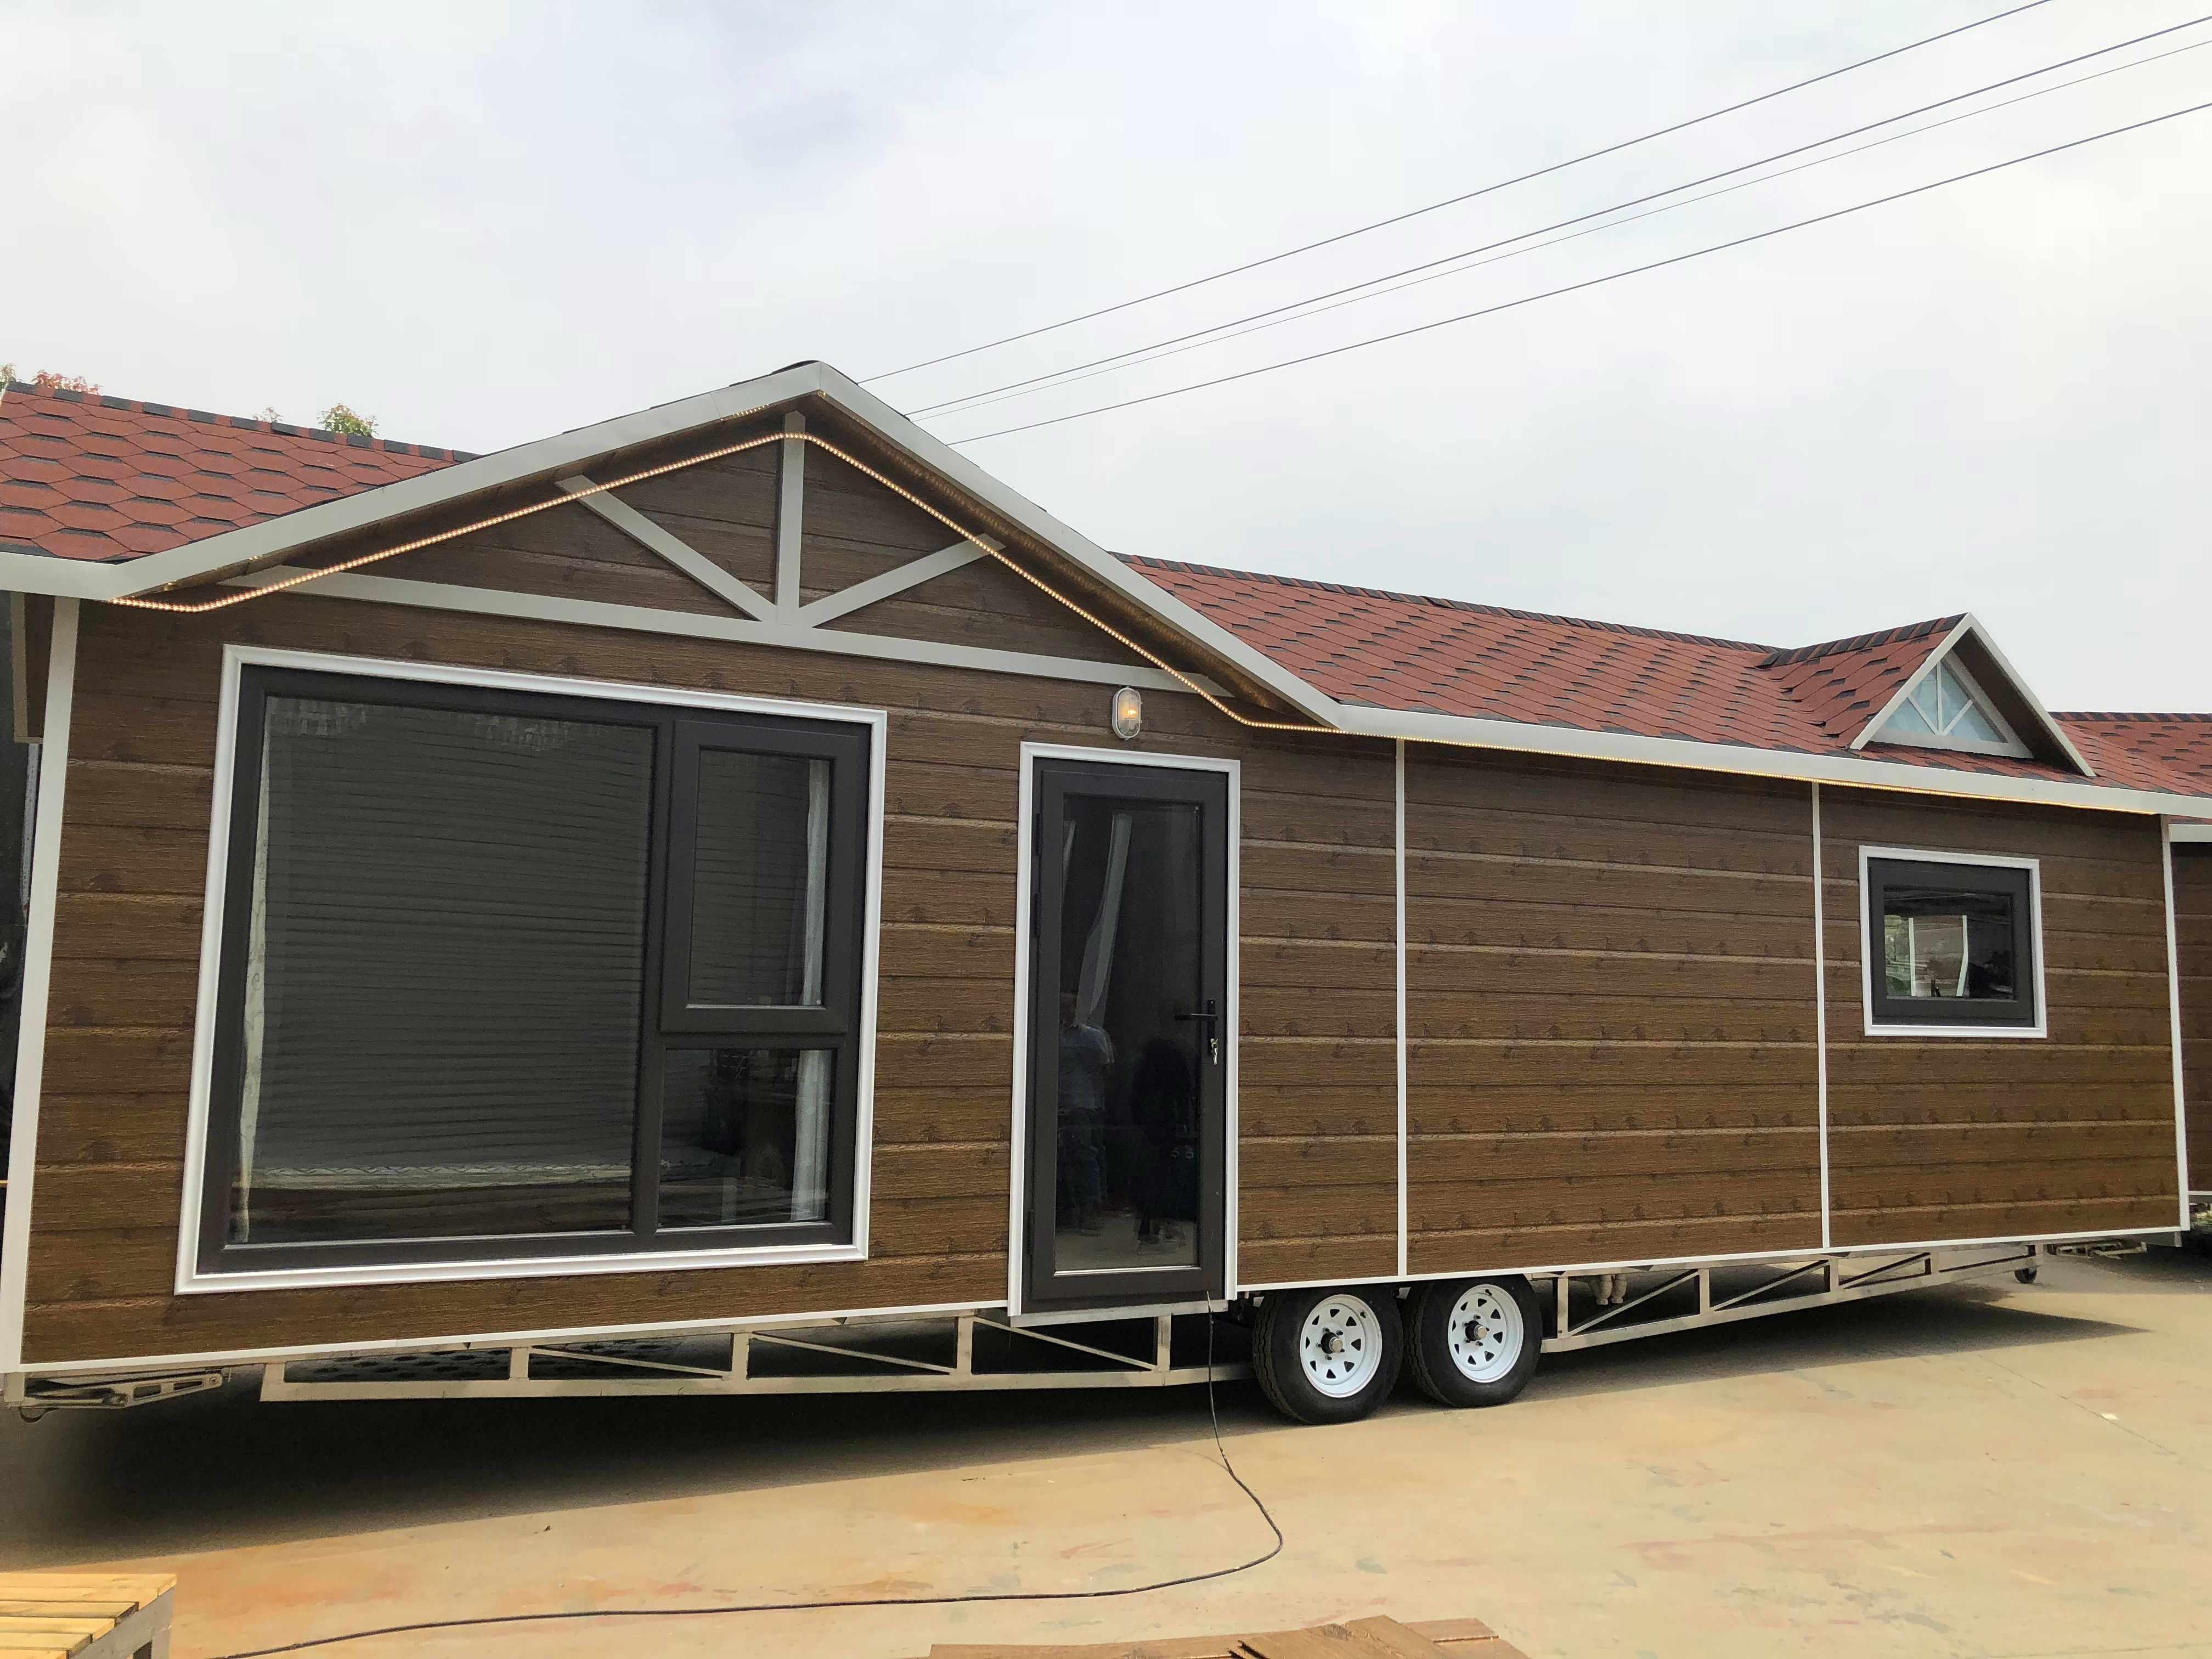 9.7米小木屋房车